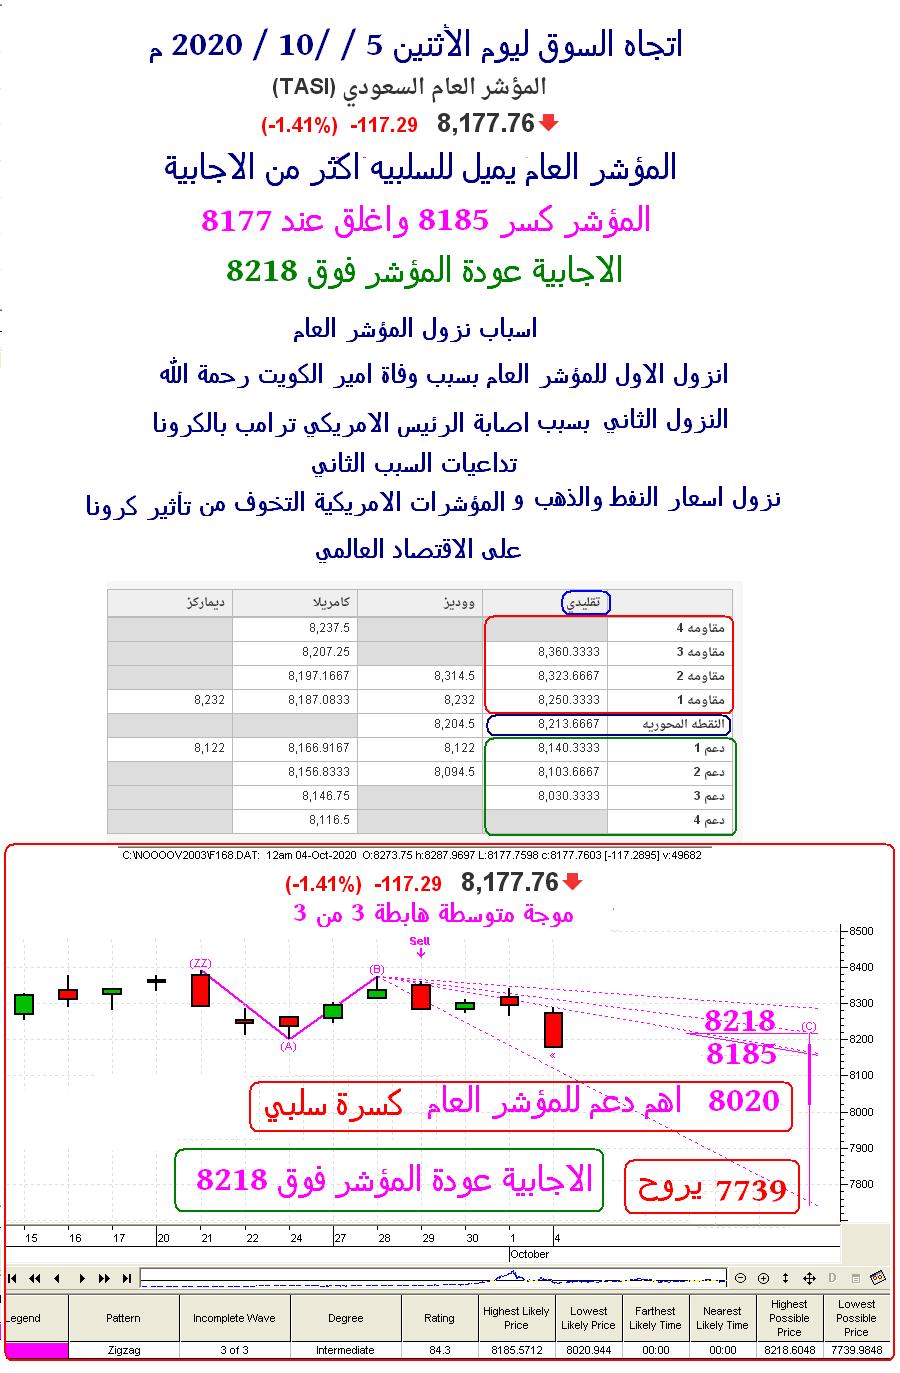 اتجاه السوق ليوم الأثنين 5 / 10 / 2020 م